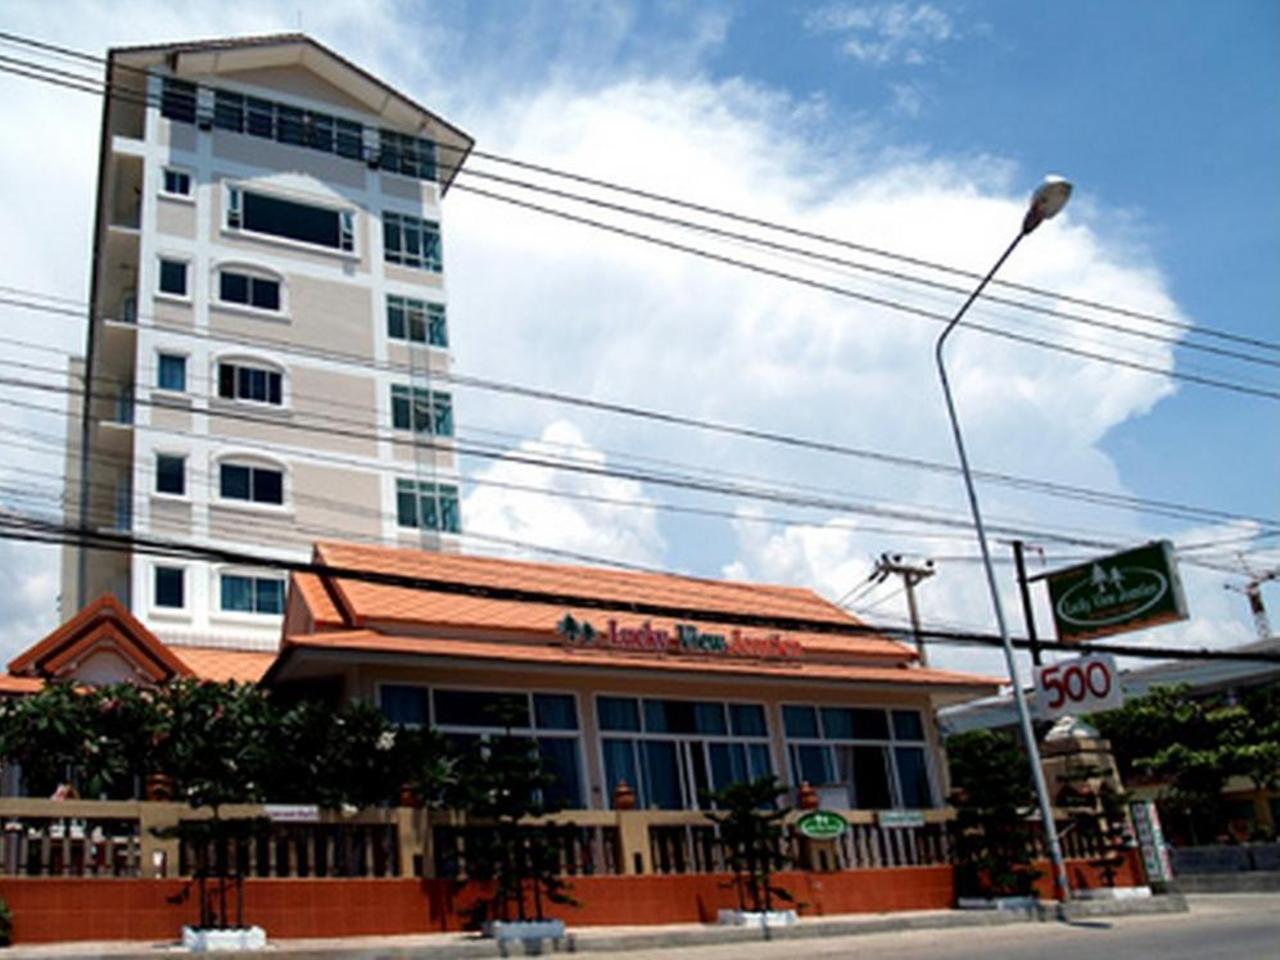 ลัคกี้วิว โฮเต็ล พัทยา (Luckyview Jomtien Hotel)